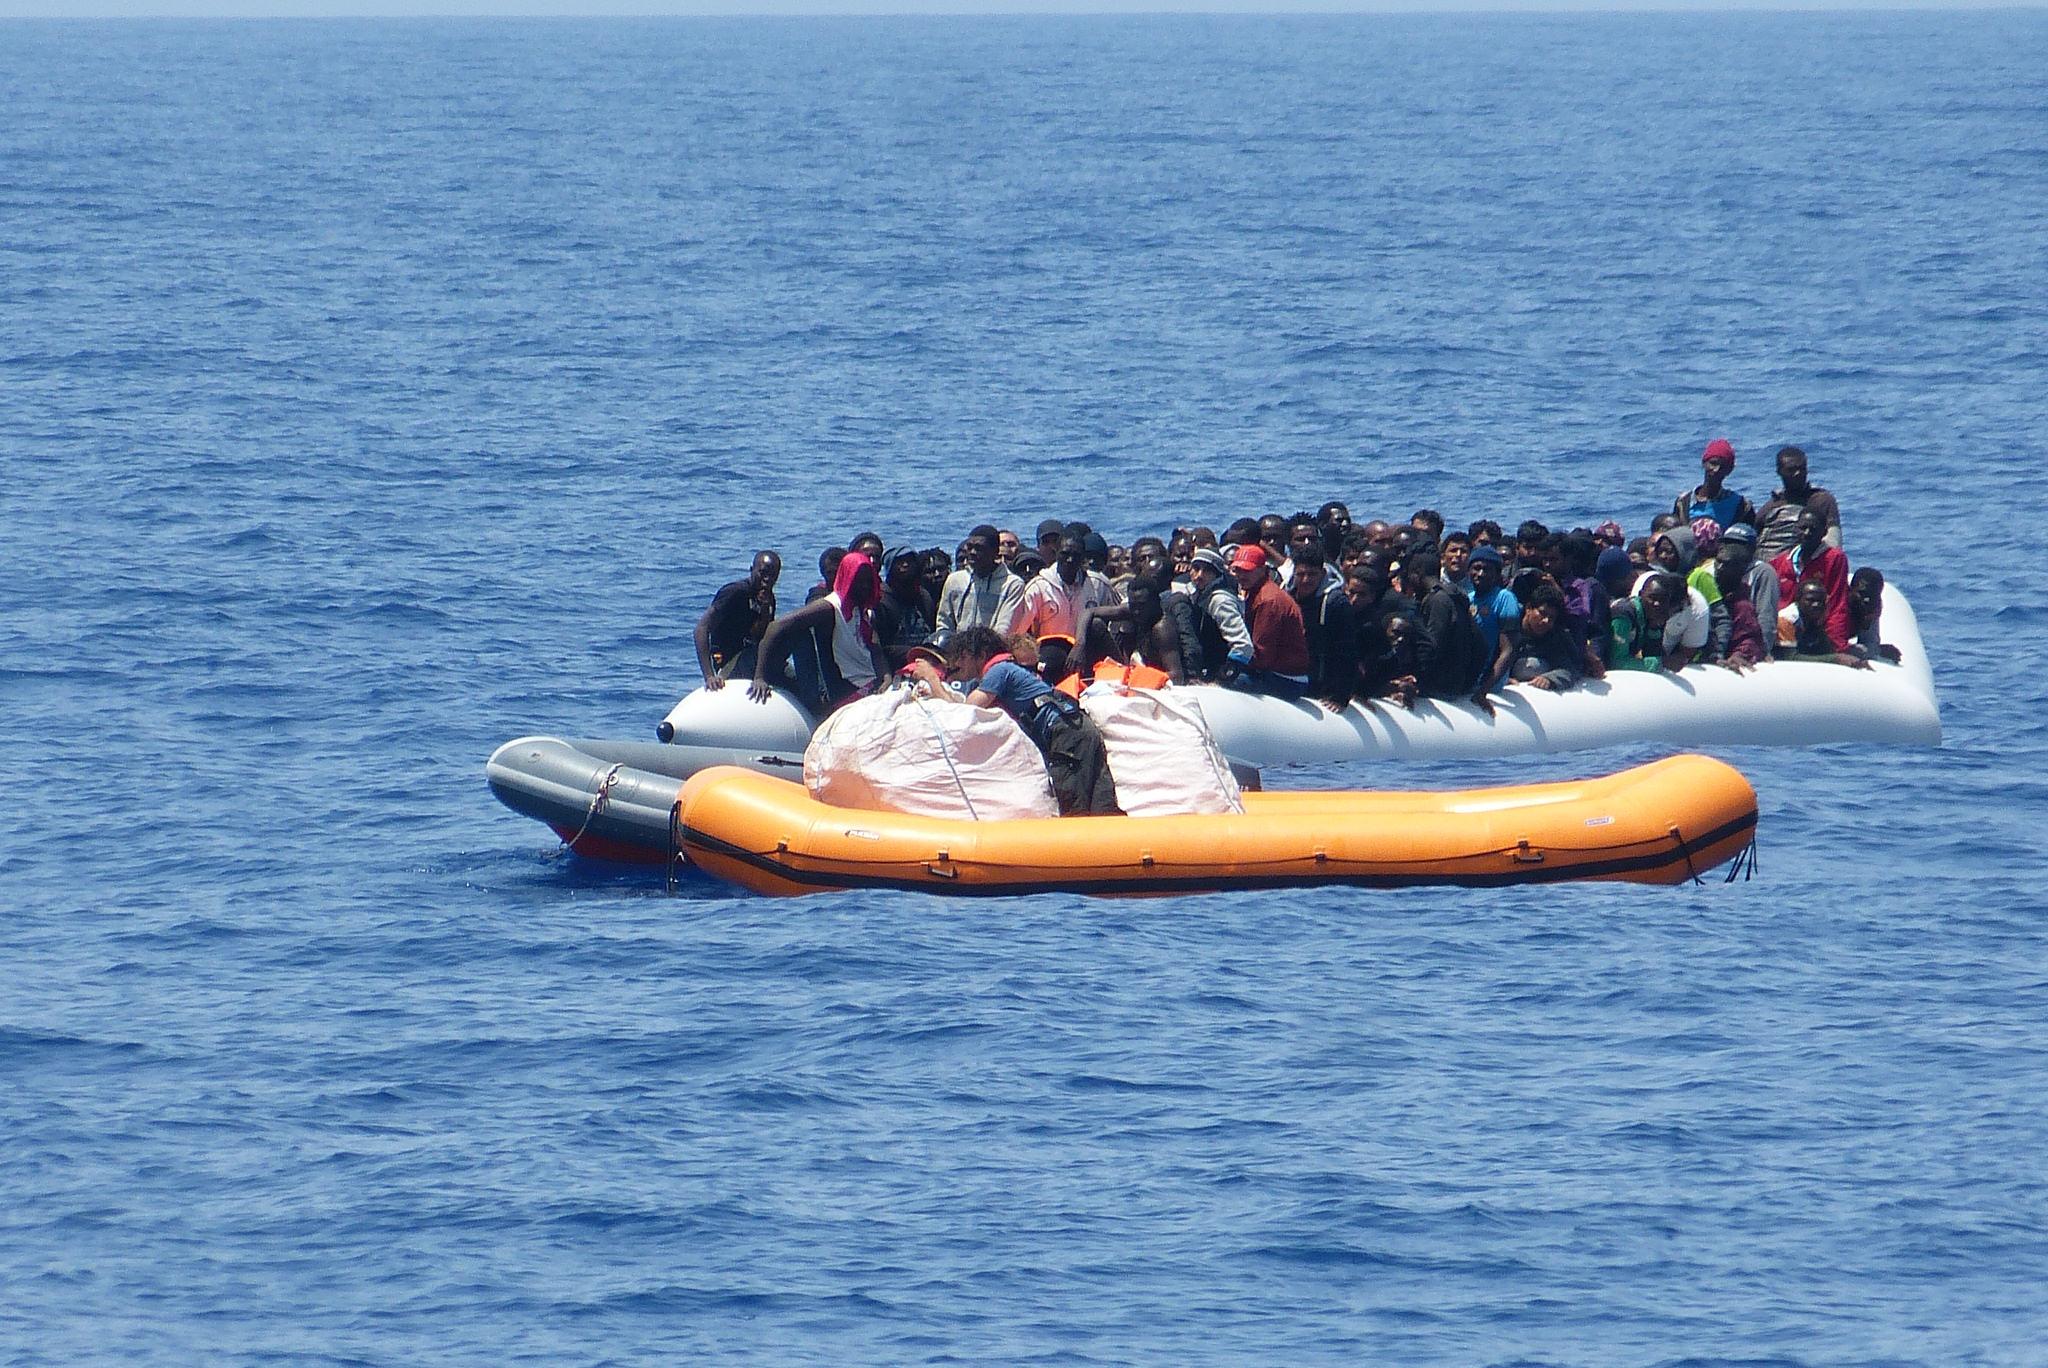 Afrikanische Flüchtlinge wagen weiterhin den gefährlichen Weg übers Mittelmeer. Die EU will Schlepperbanden bekämpfen, ist aber nicht bereit, mehr legale Wege nach Europa zu schaffen.